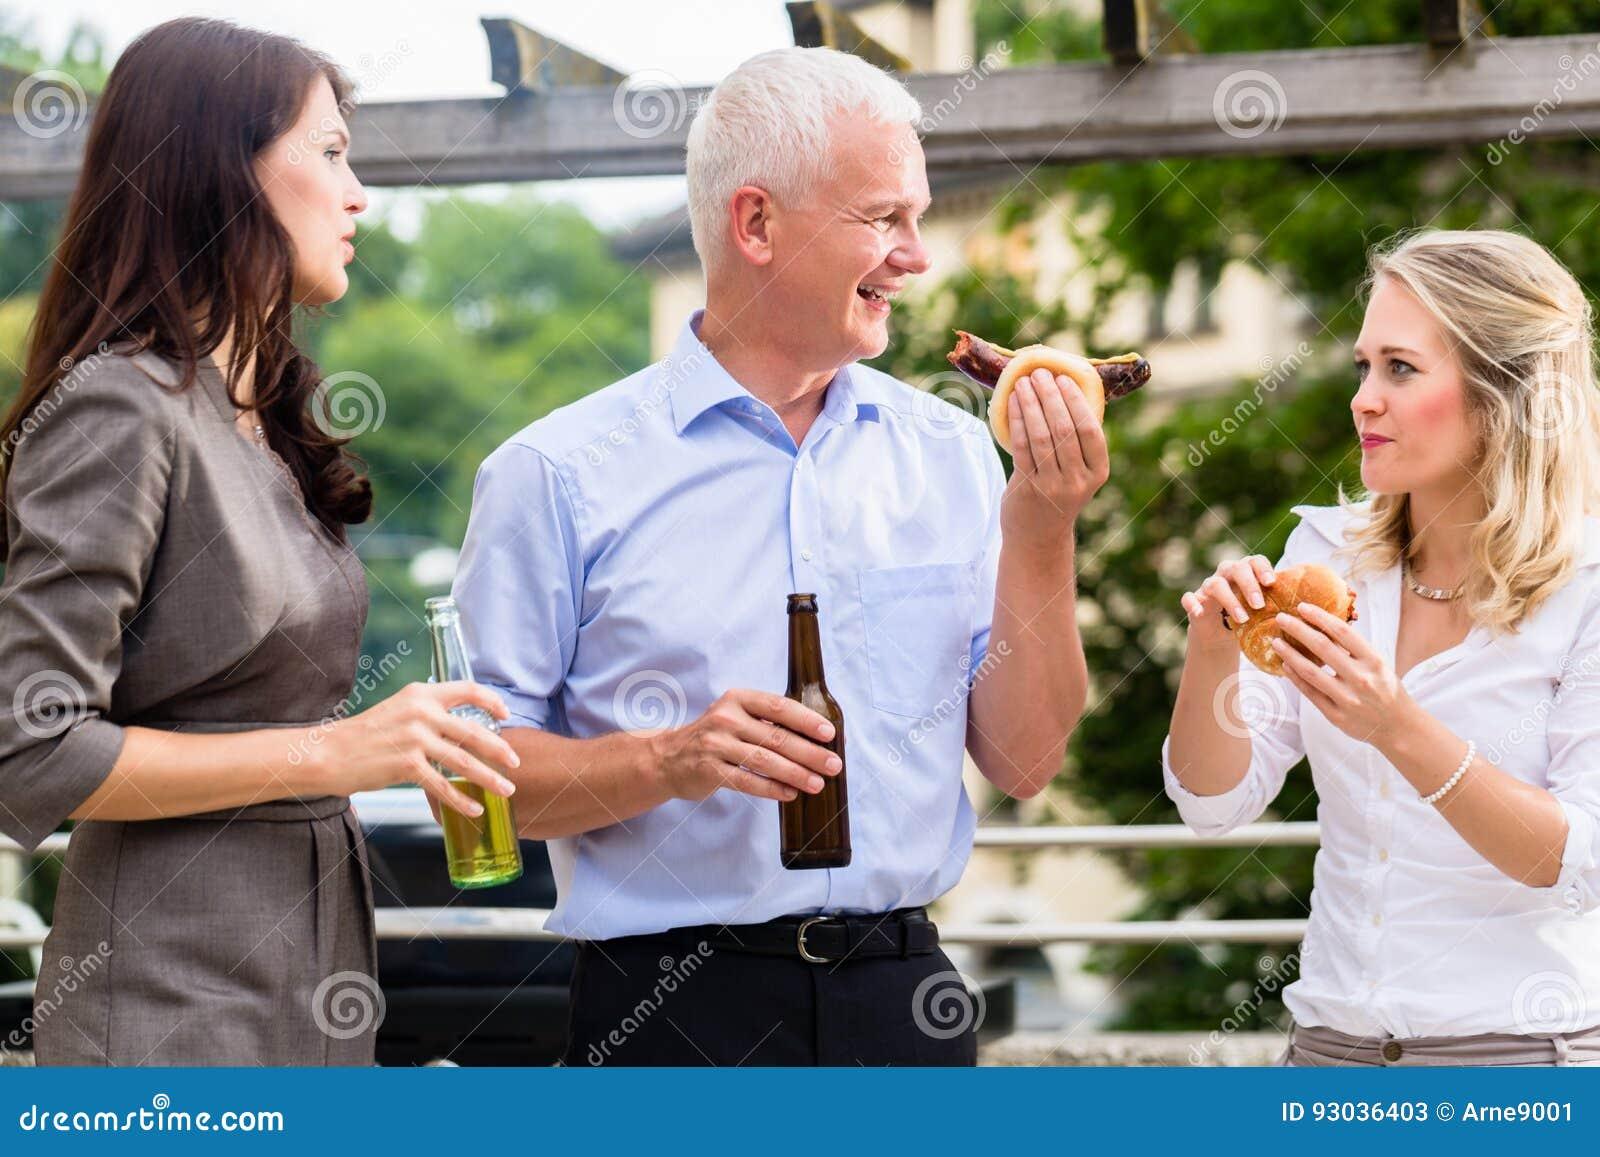 Kollegen Die Wurste Und Bier Nach Der Arbeit Essen Stockbild Bild